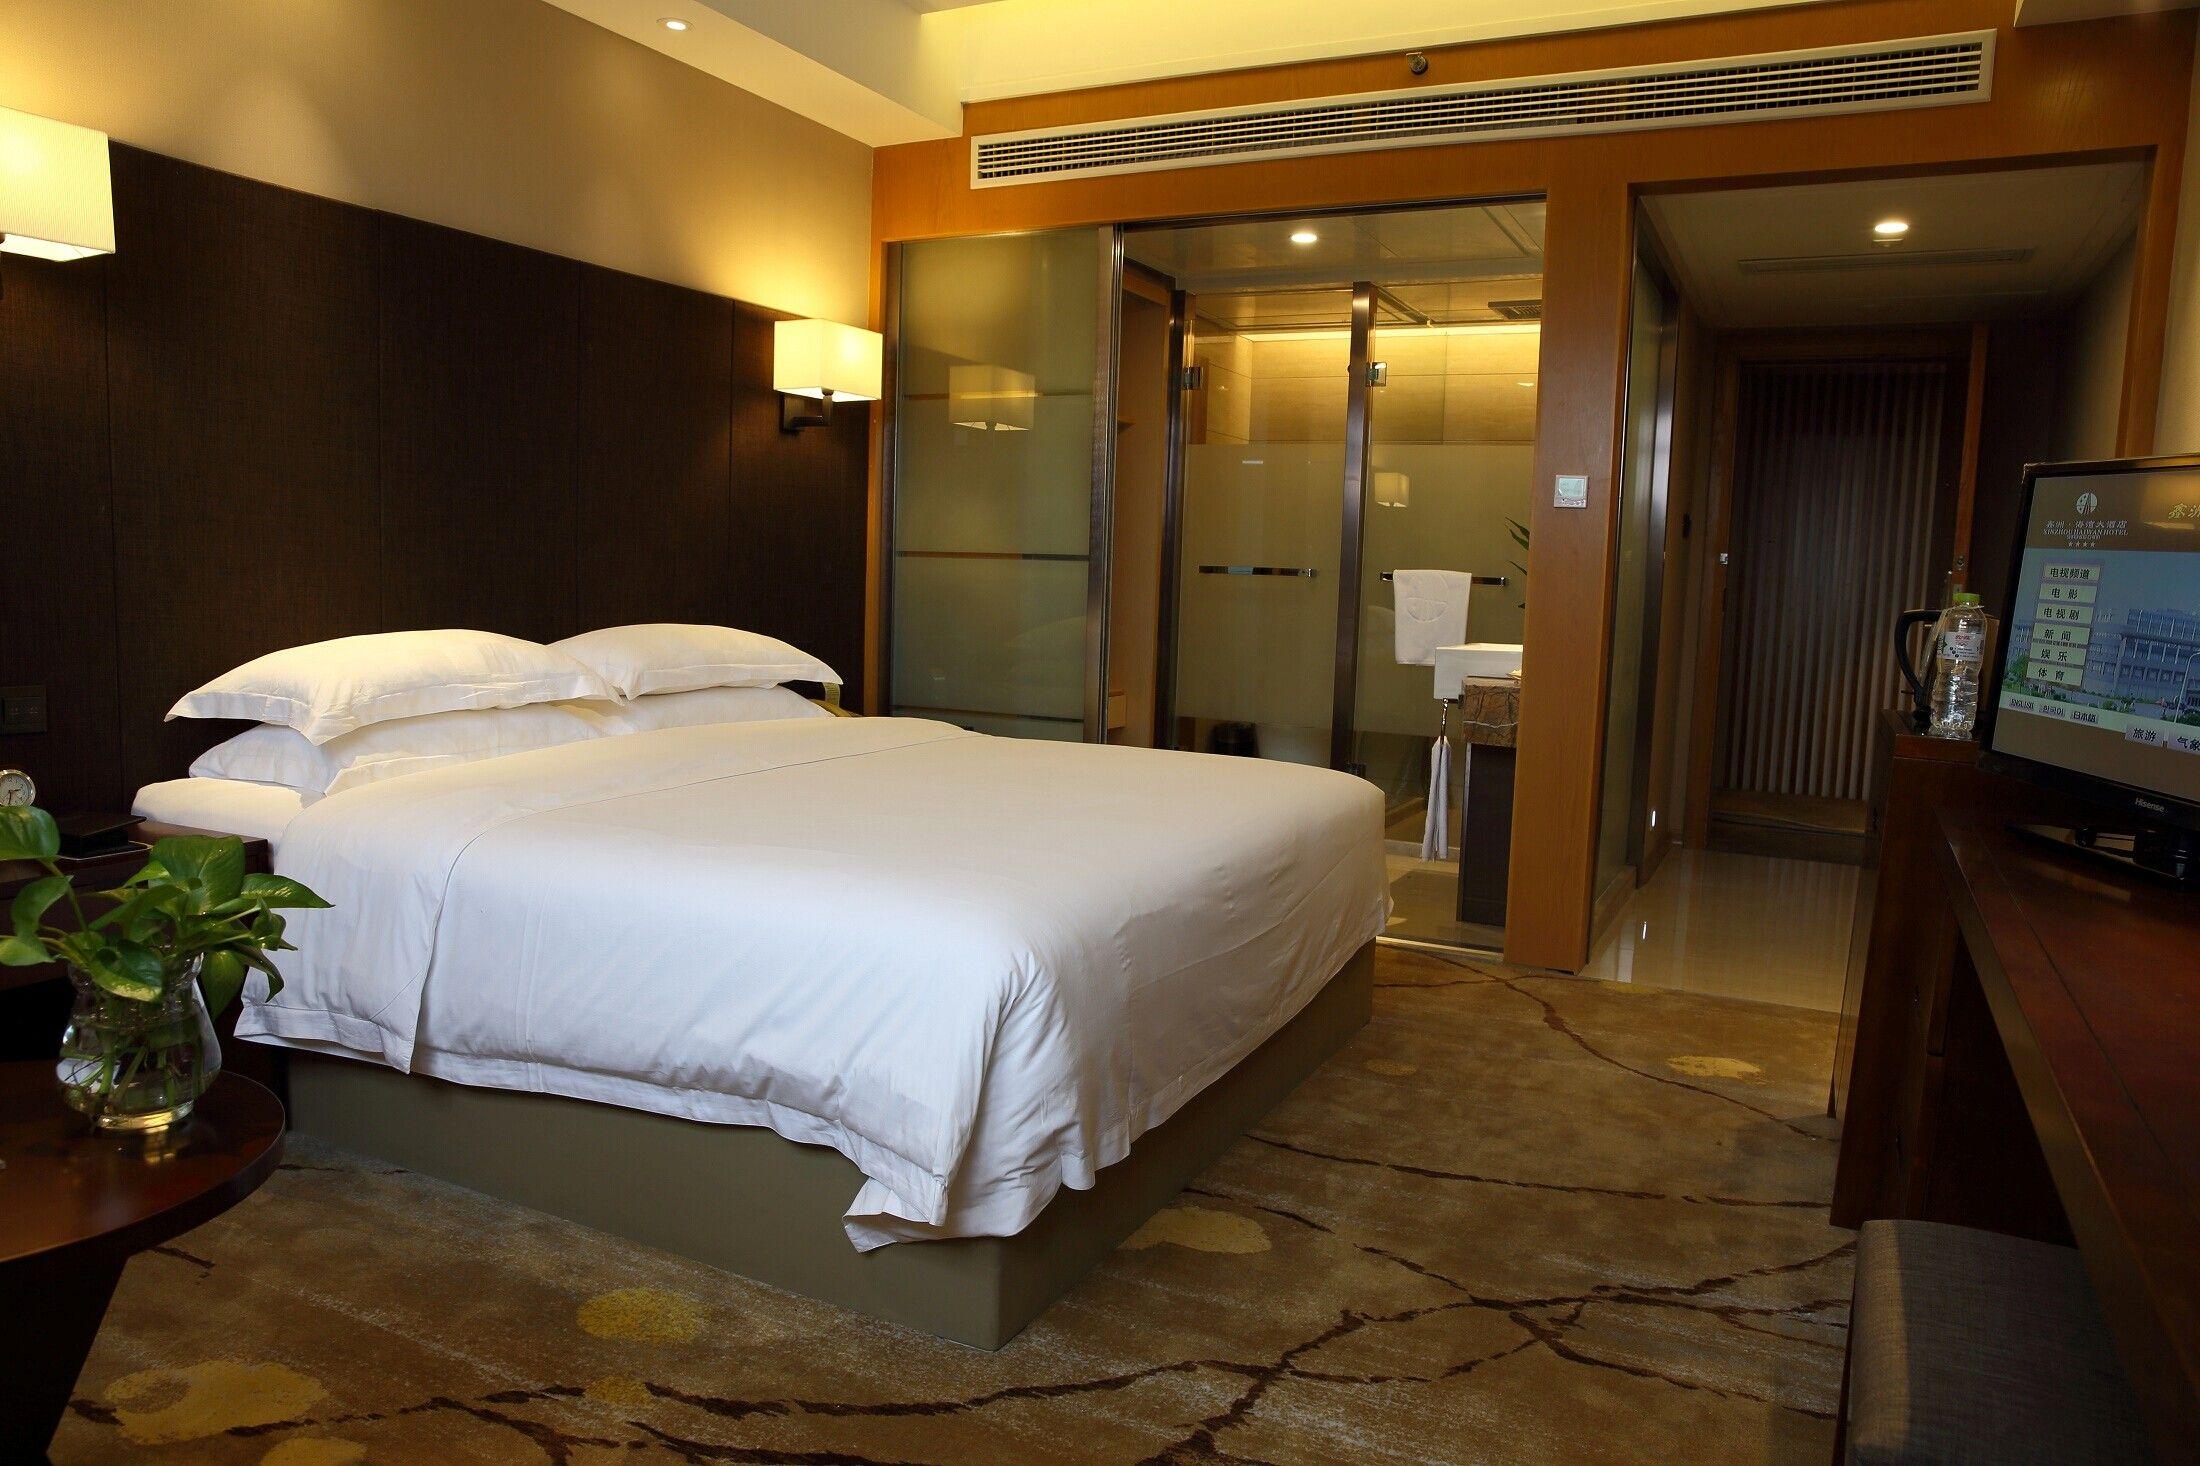 绍兴鑫洲海湾大酒店 (吼山风景区/柯岩风景区可选) 早餐, 可选自助